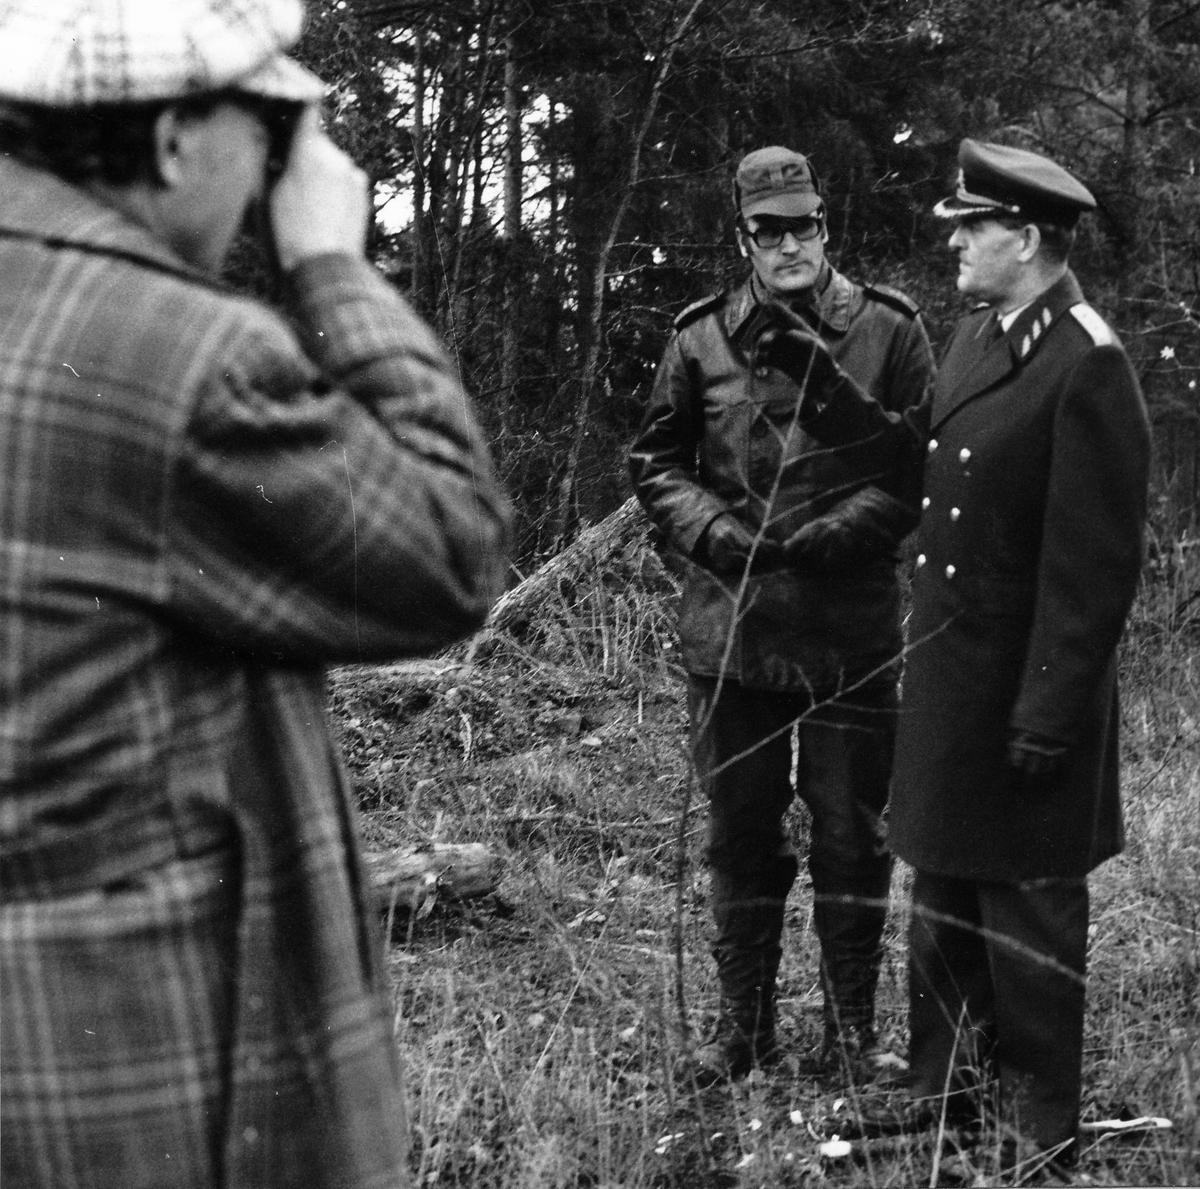 Överbefälhavaren, general Stig Synnergrens förstagångsbesök vid regementet 1972-11-29. OBS 5 bilder Besök vid Livkomp (brigadspan). På bilderna syns ÖB gen Stig Synnergren, C P 10 öv Stig Colliander, utbch P 10 övlt Ragnar Tauvon, C GU bat mj Bertil Nelsson, C Livkomp kn Peter Björkman.